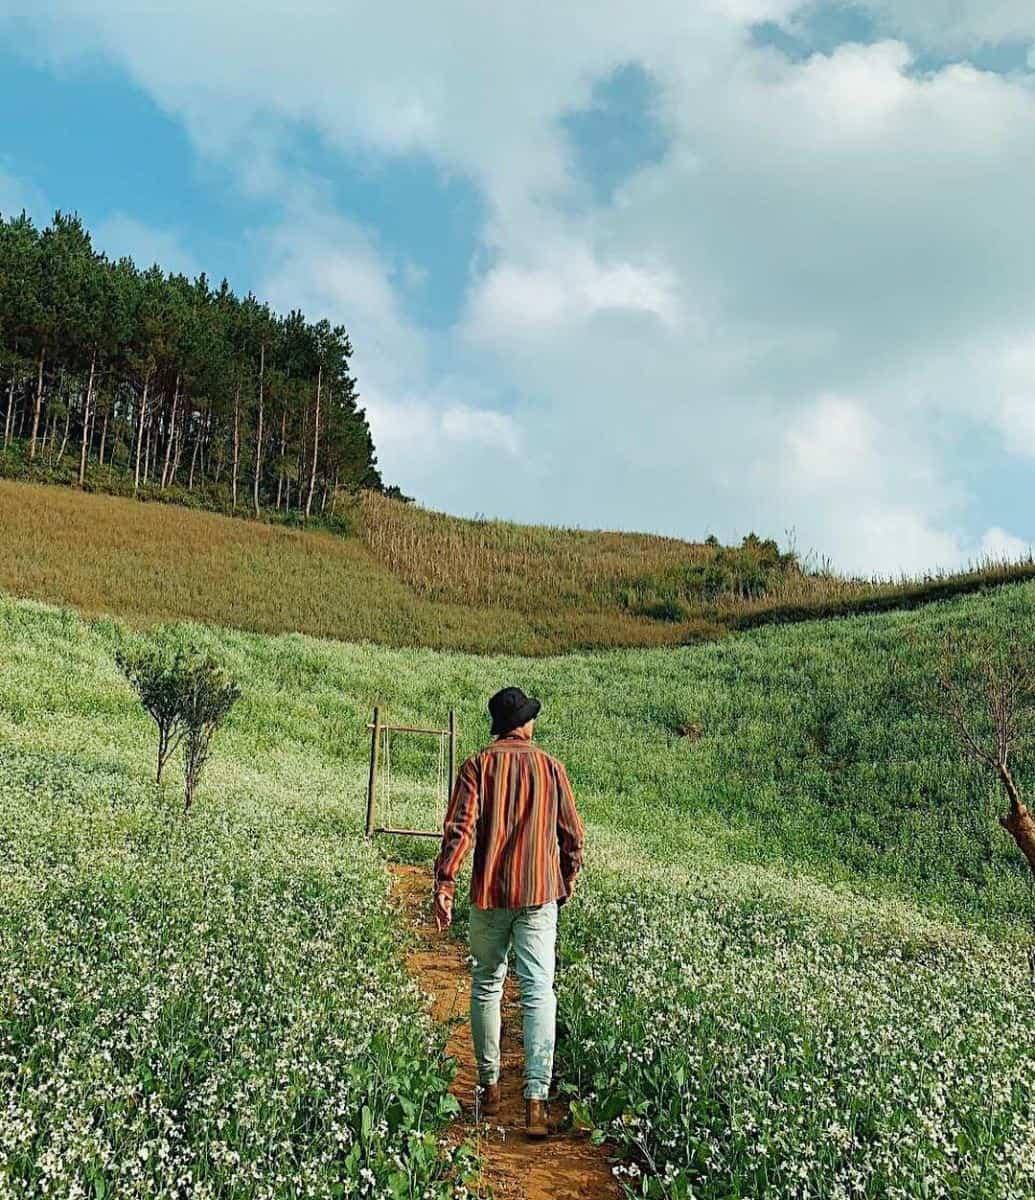 Tháng 10 là thời điểm Mộc Châu bước vào mùa hoa cải trắng. Hình: Sưu tầm